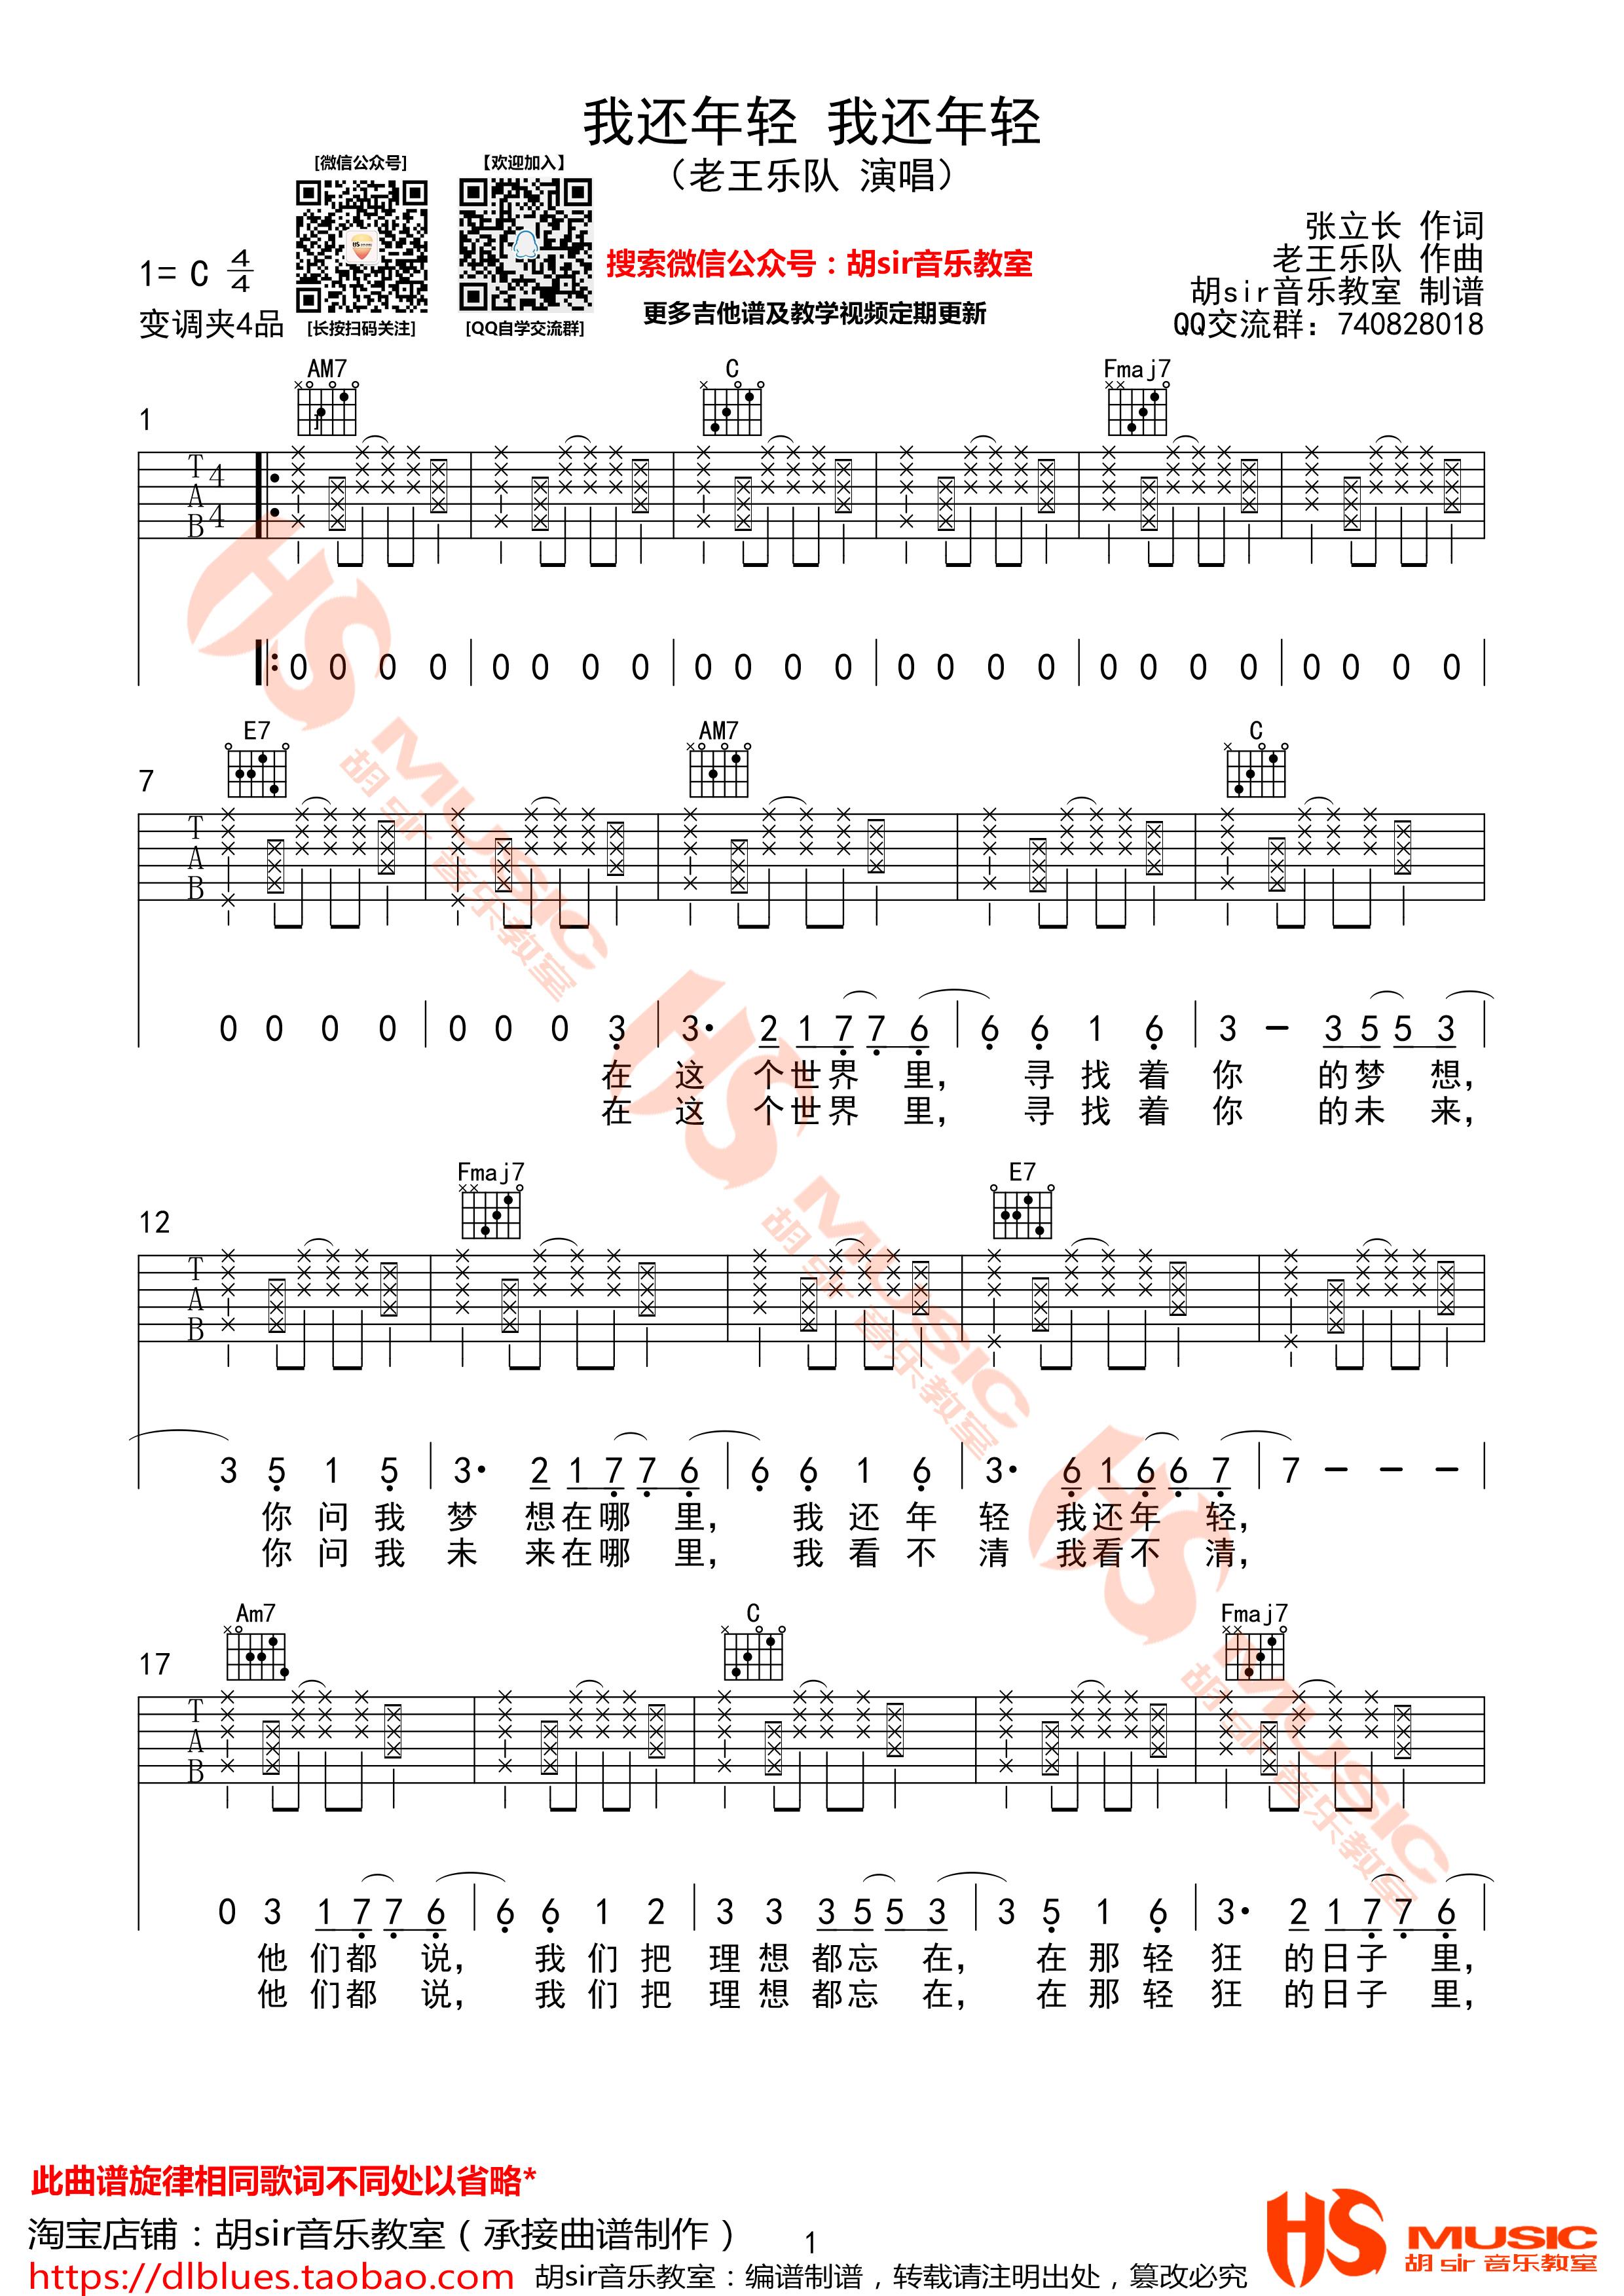 我还年轻 我还年轻吉他谱(图片谱,弹唱,C调,胡sir音乐教室)_老王乐队_《我还年轻 我还年轻》老王乐队 C调【胡sir音乐教室】